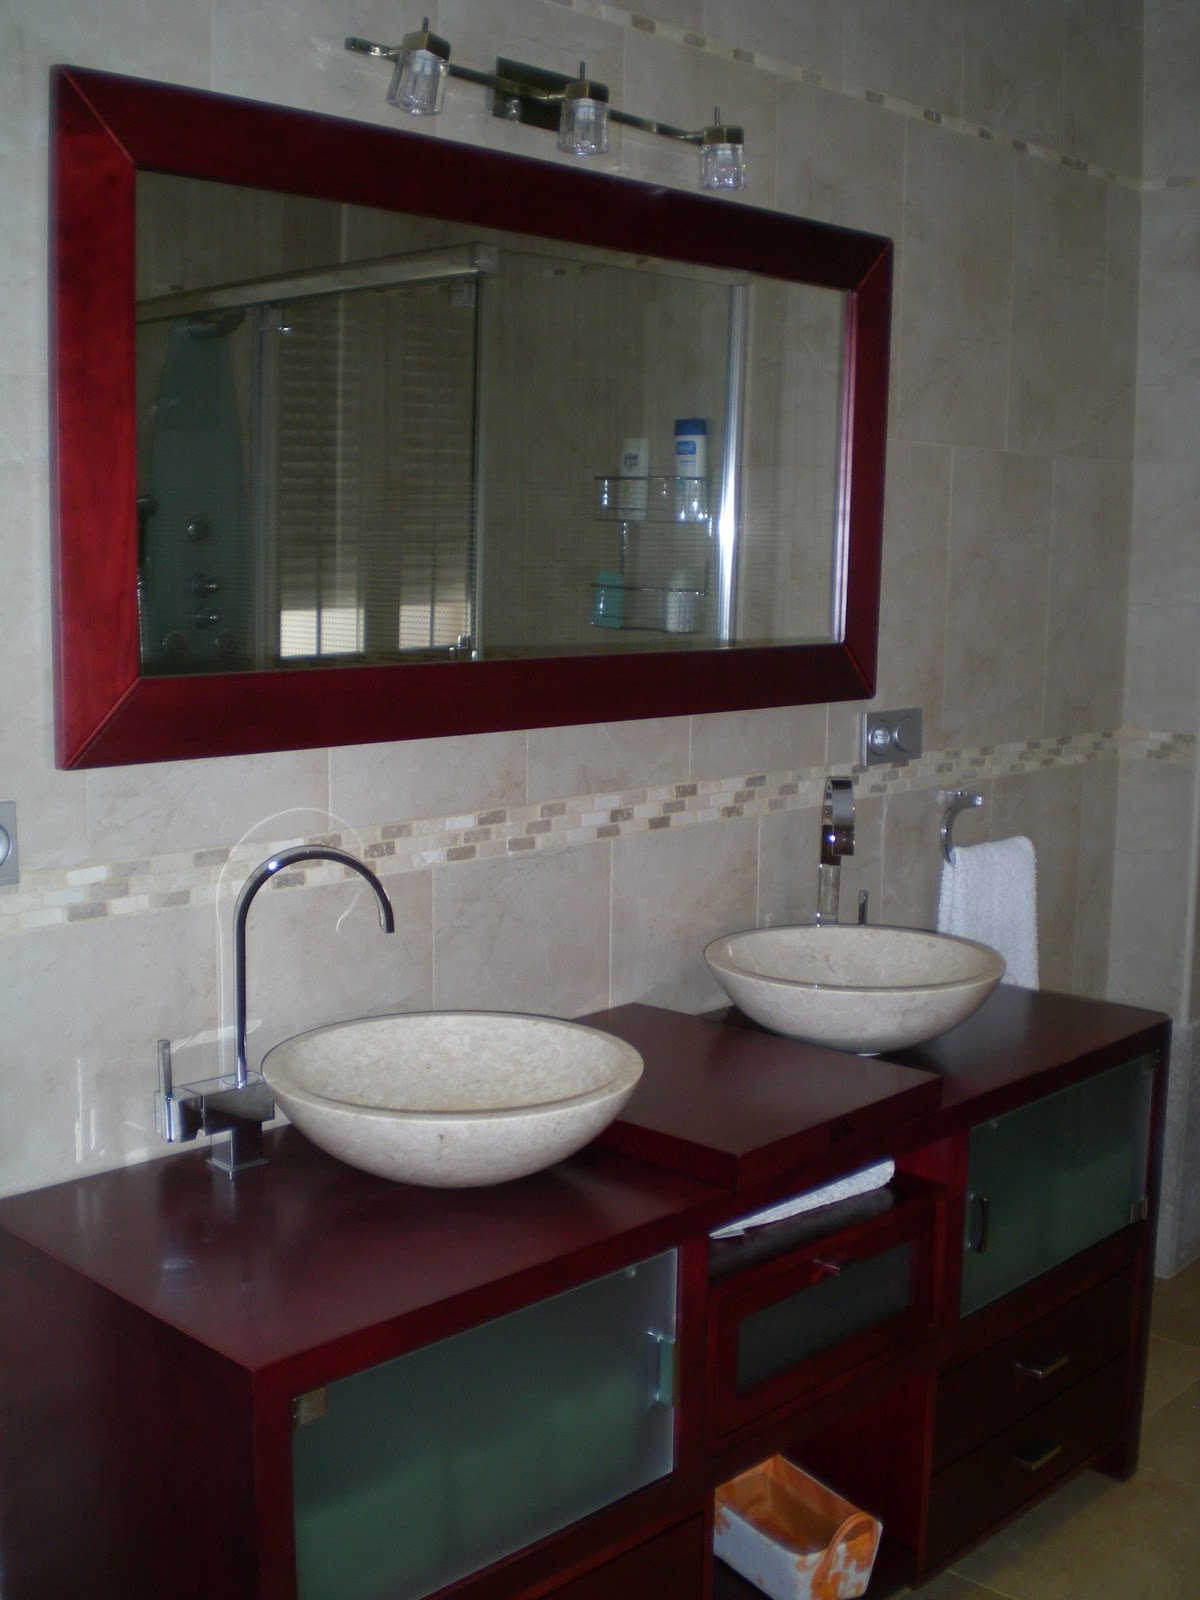 Muebles Baño Con Zocalo: de piedra perimetral y el resultado final con el mueble definitivo